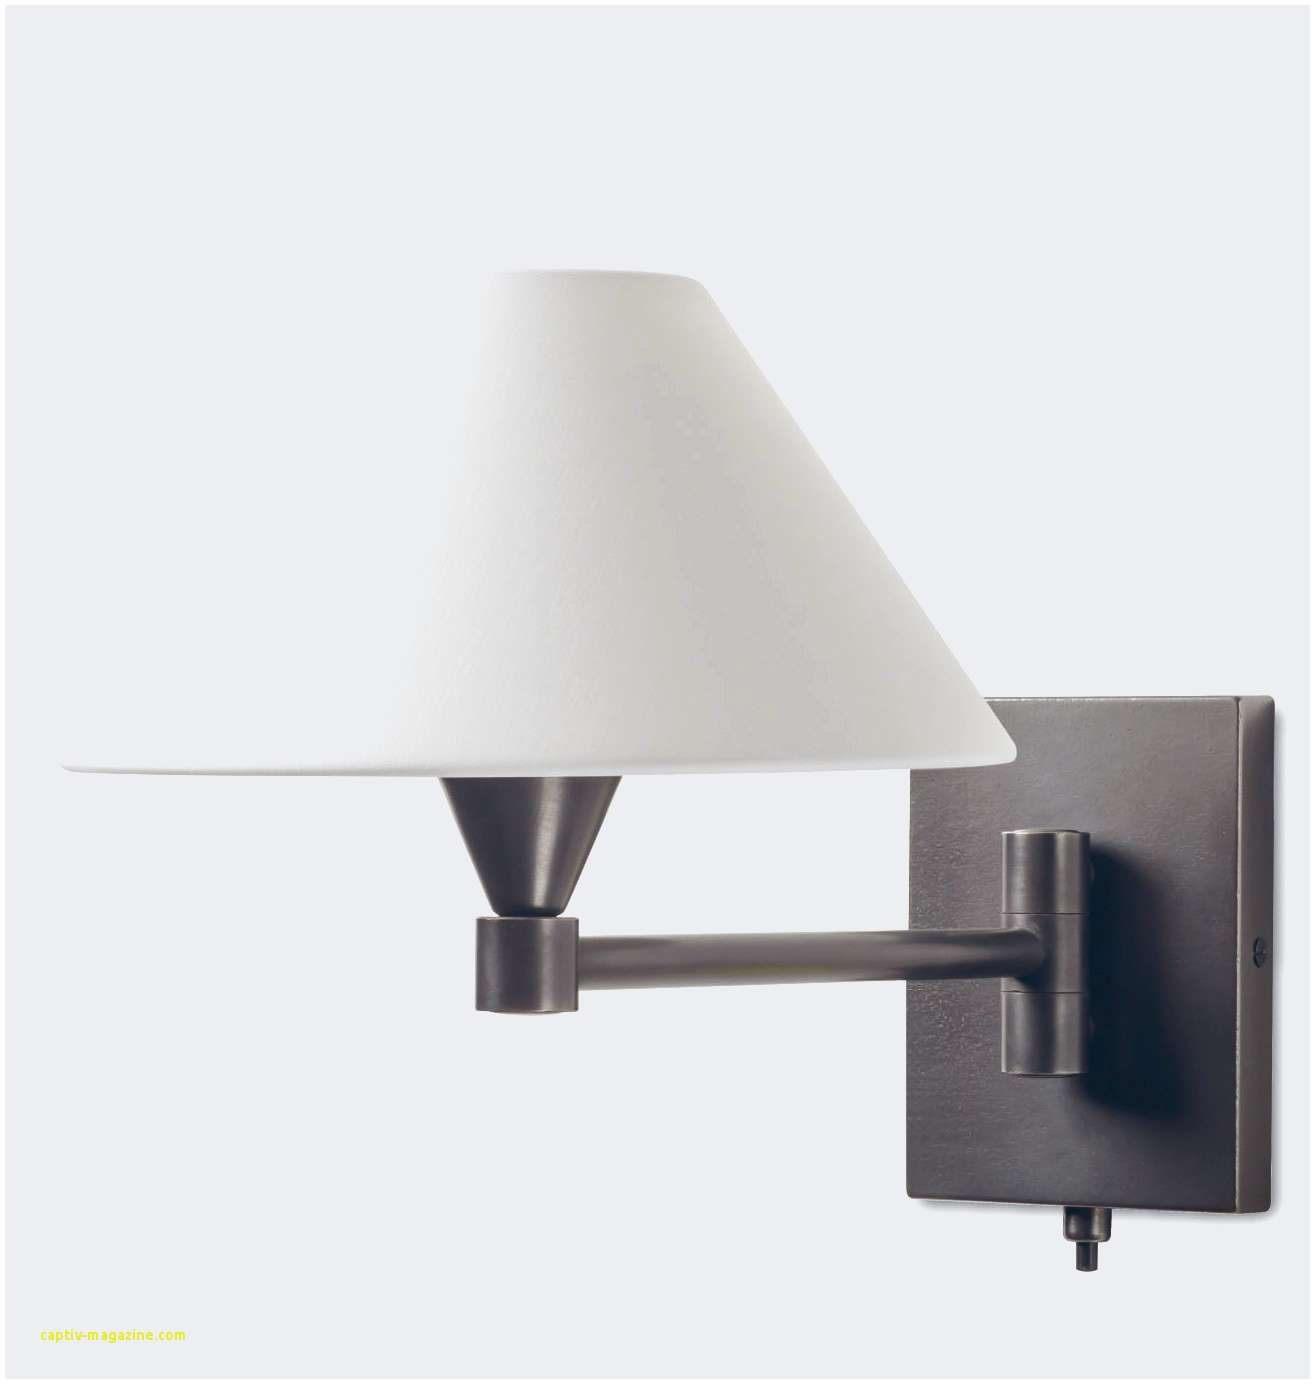 Liseuse Led Tete De Lit Nouveau Impressionnant Grande Lampe Sur Pied Haut Lustre Tendance 0d